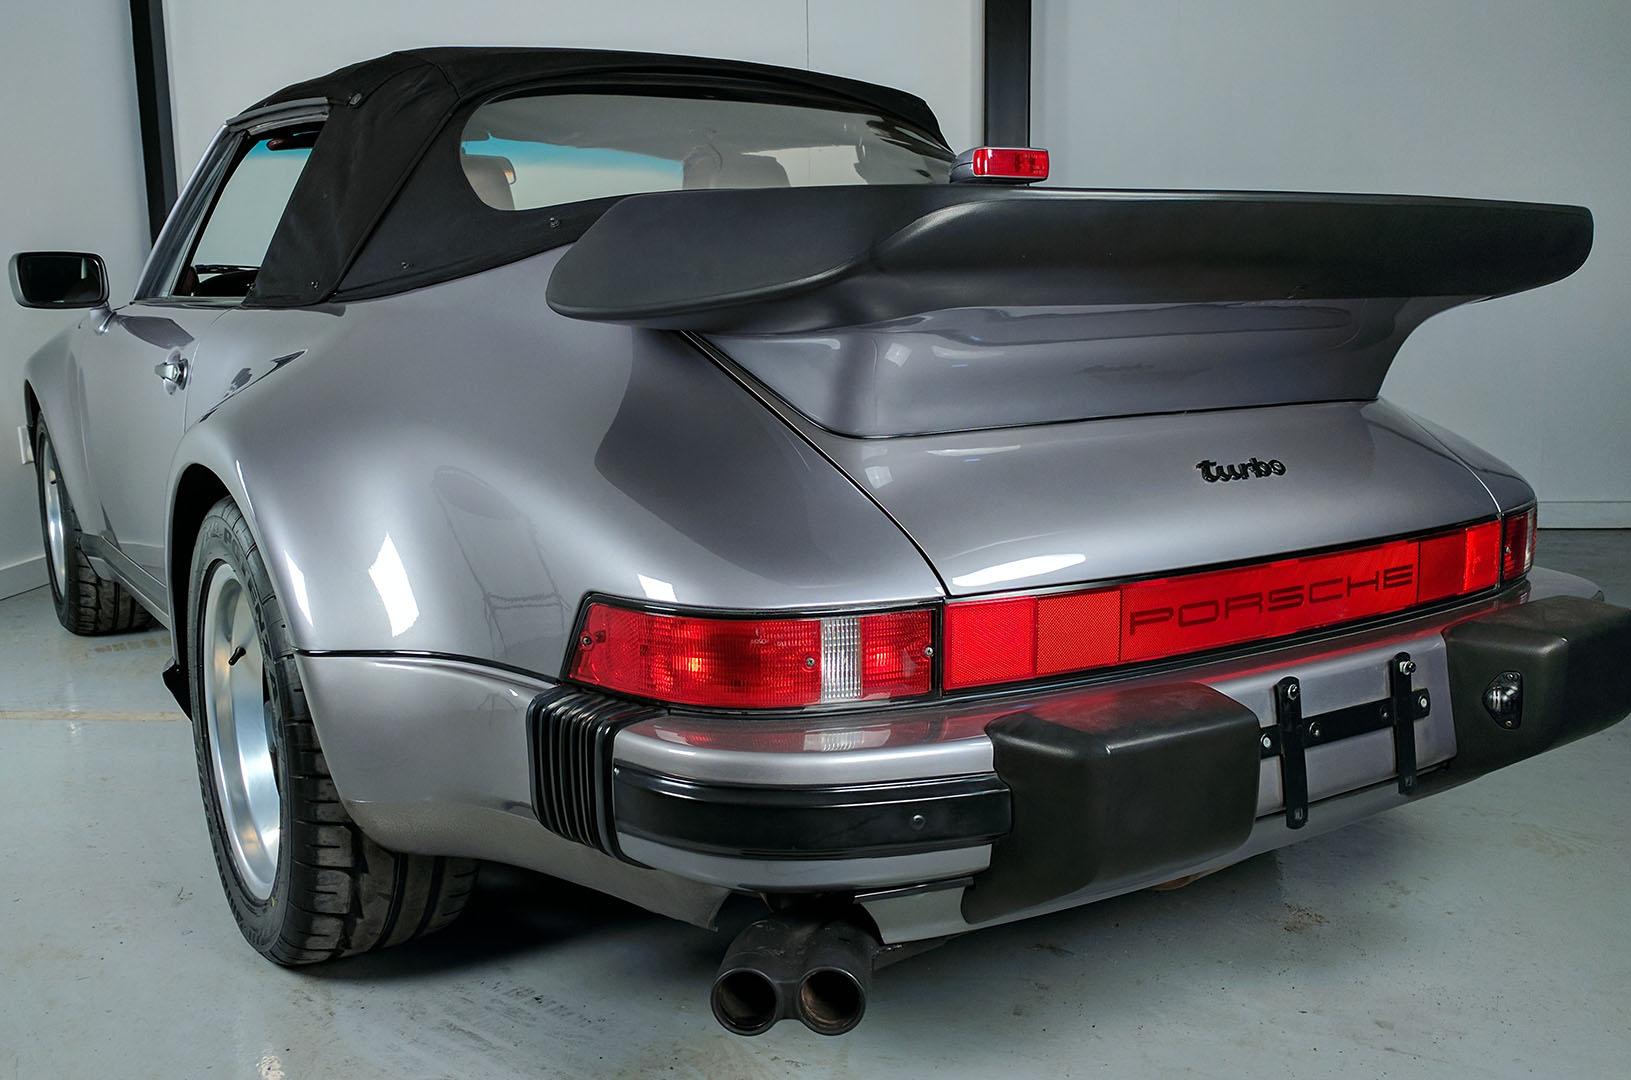 1989G_Porsche_911_Turbo_Cabriolet_Grey_004.jpg